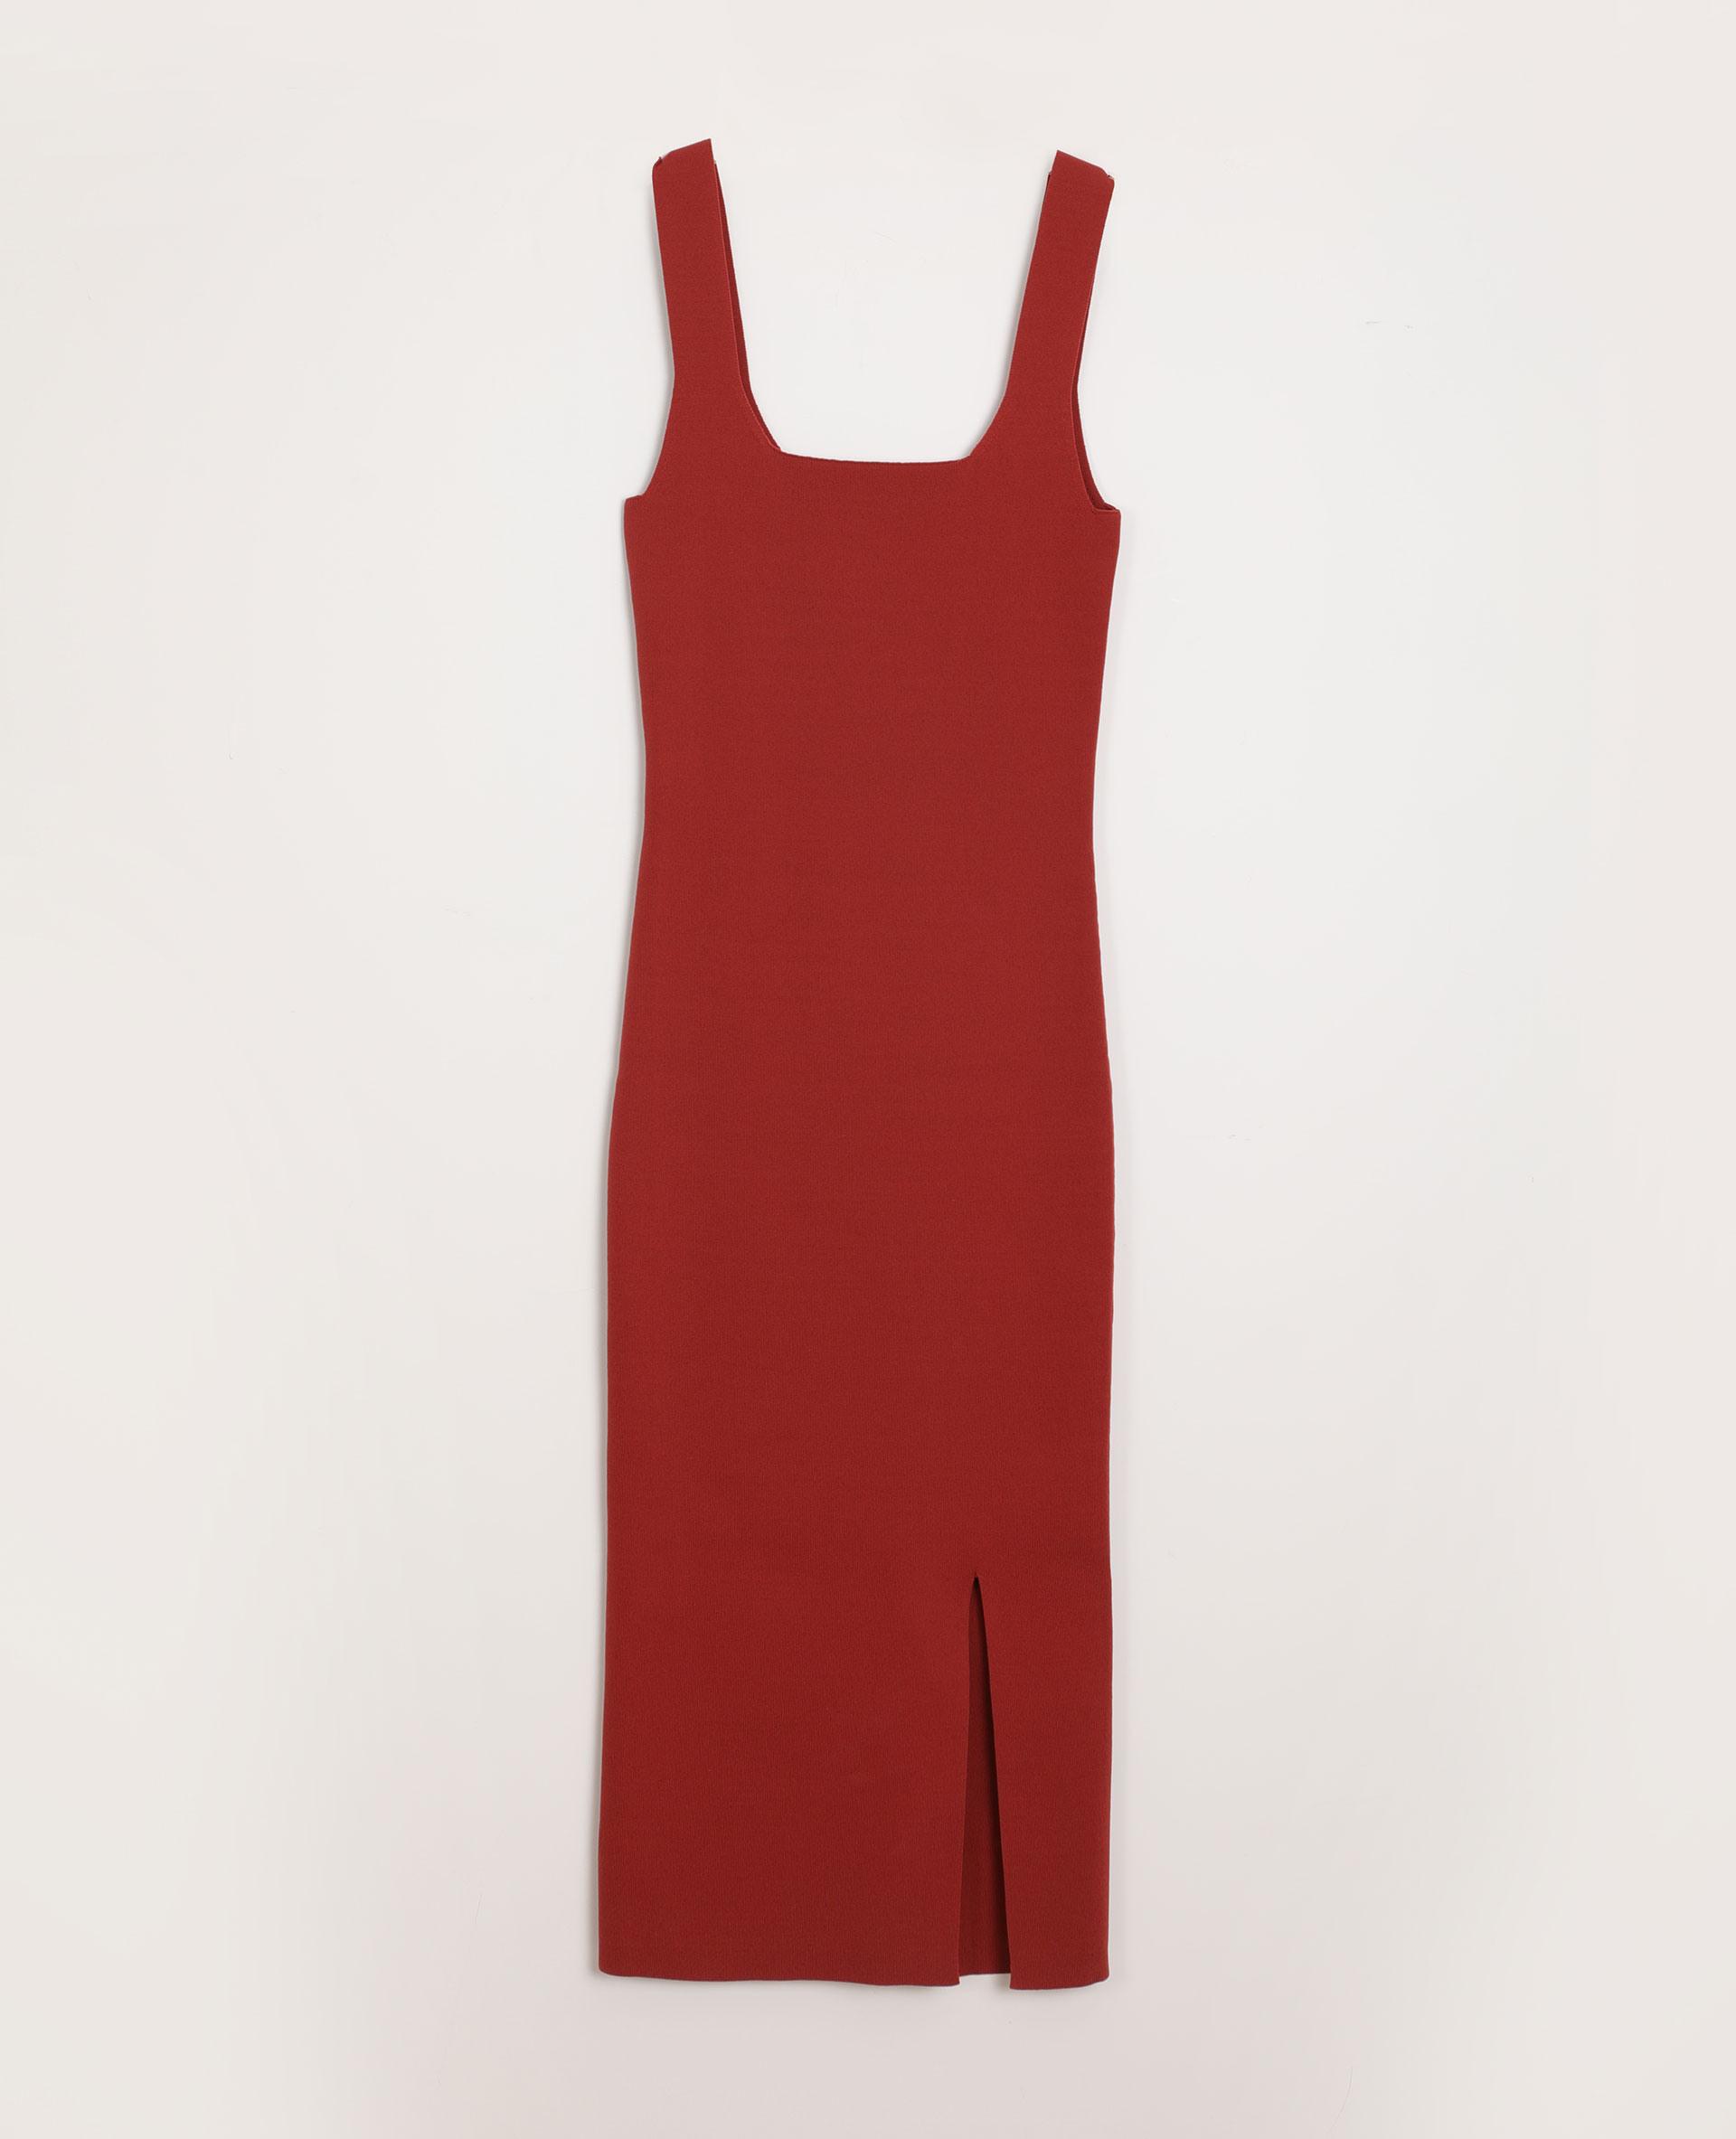 Langes Eng Anliegendes Kleid Korallenrot  781383275A02